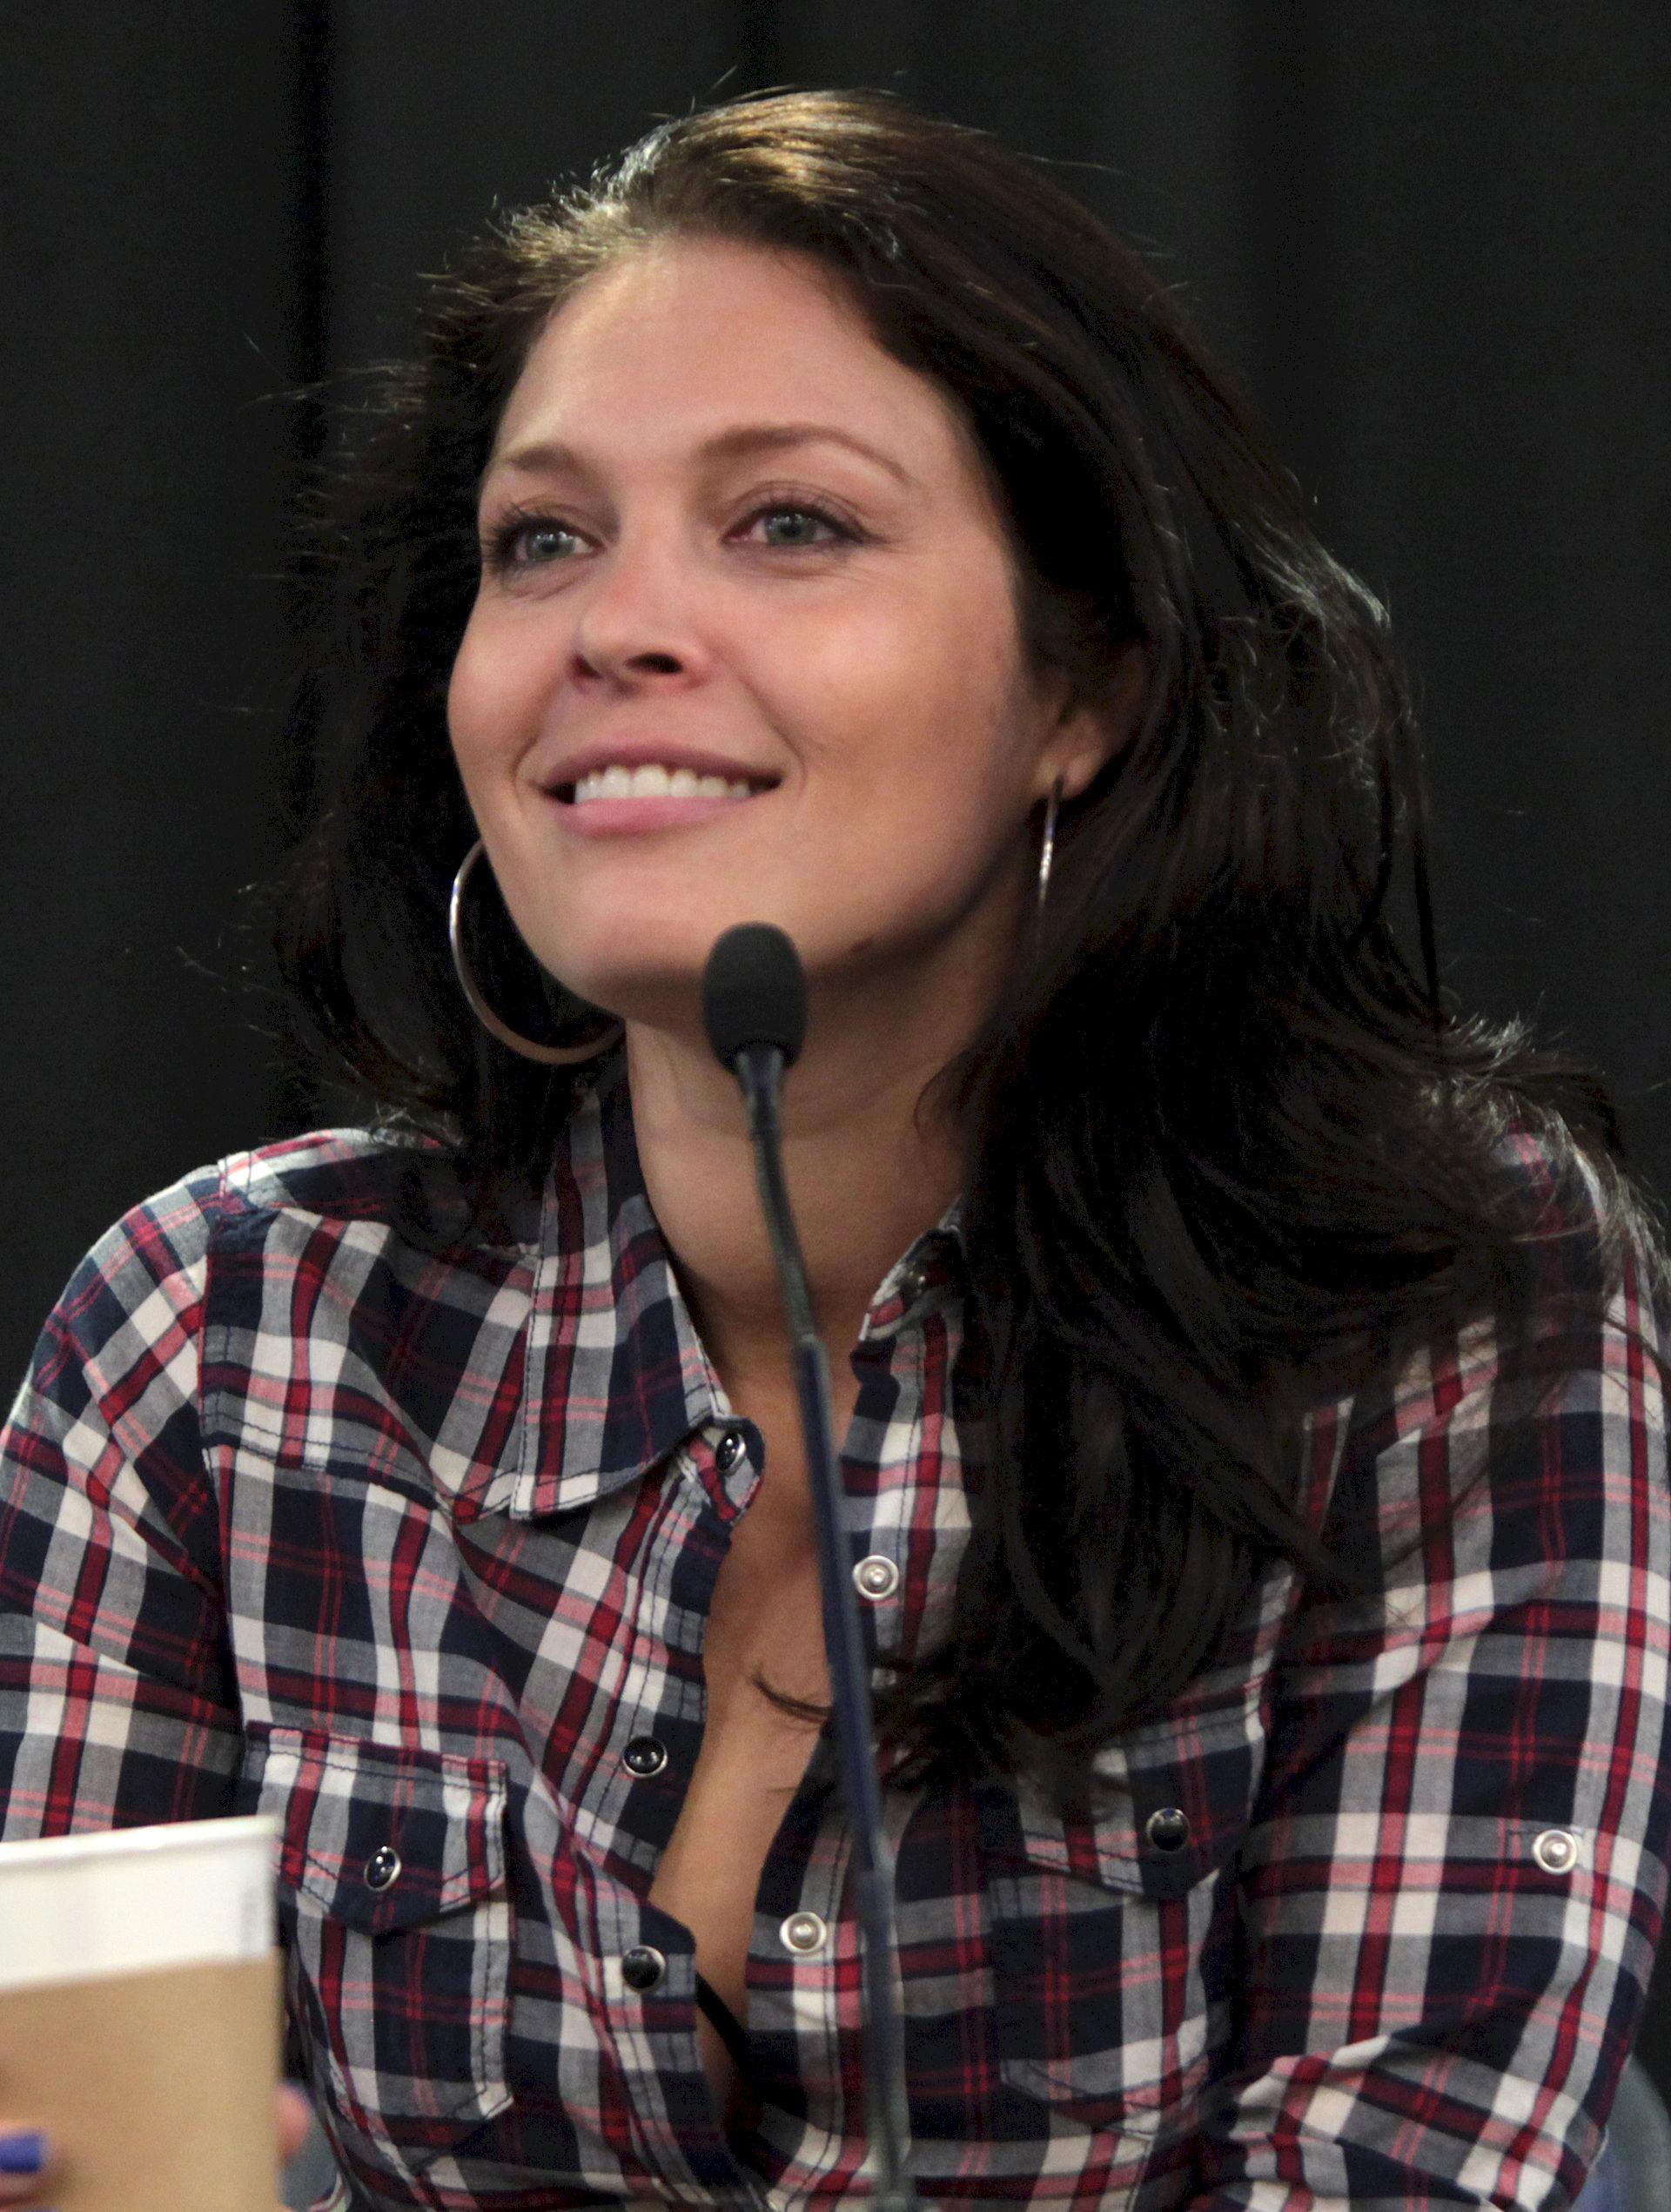 Photo of Alaina Huffman: Canadian actress